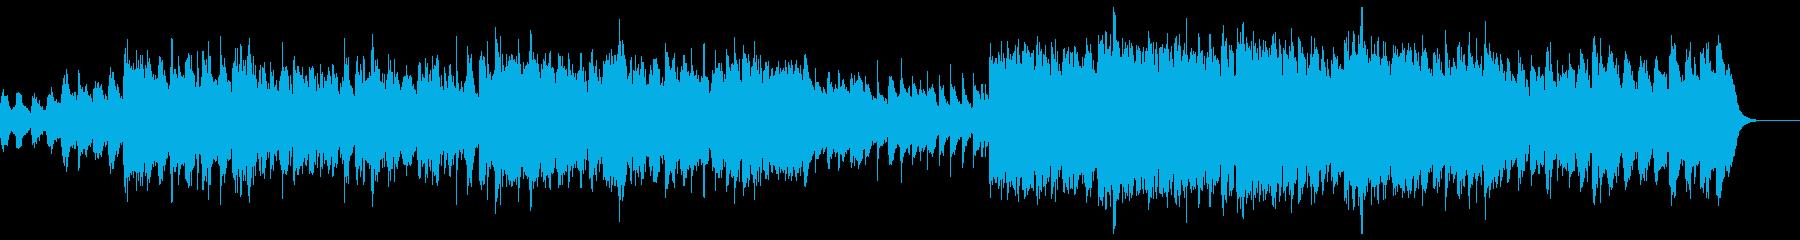 切迫感のあるシリアスなオーケストラの再生済みの波形